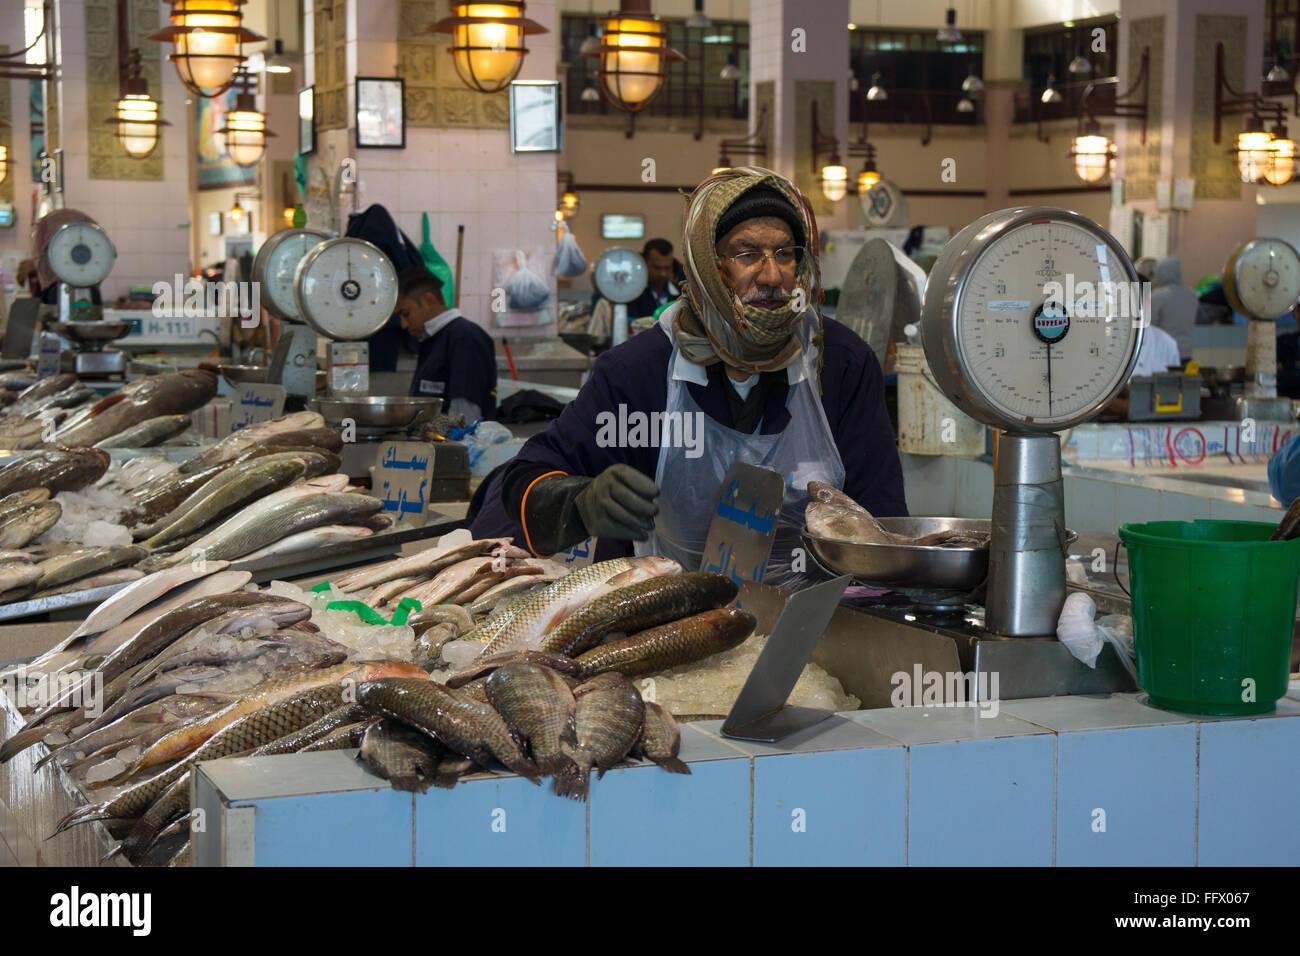 Kuwait fish market - Stock Image